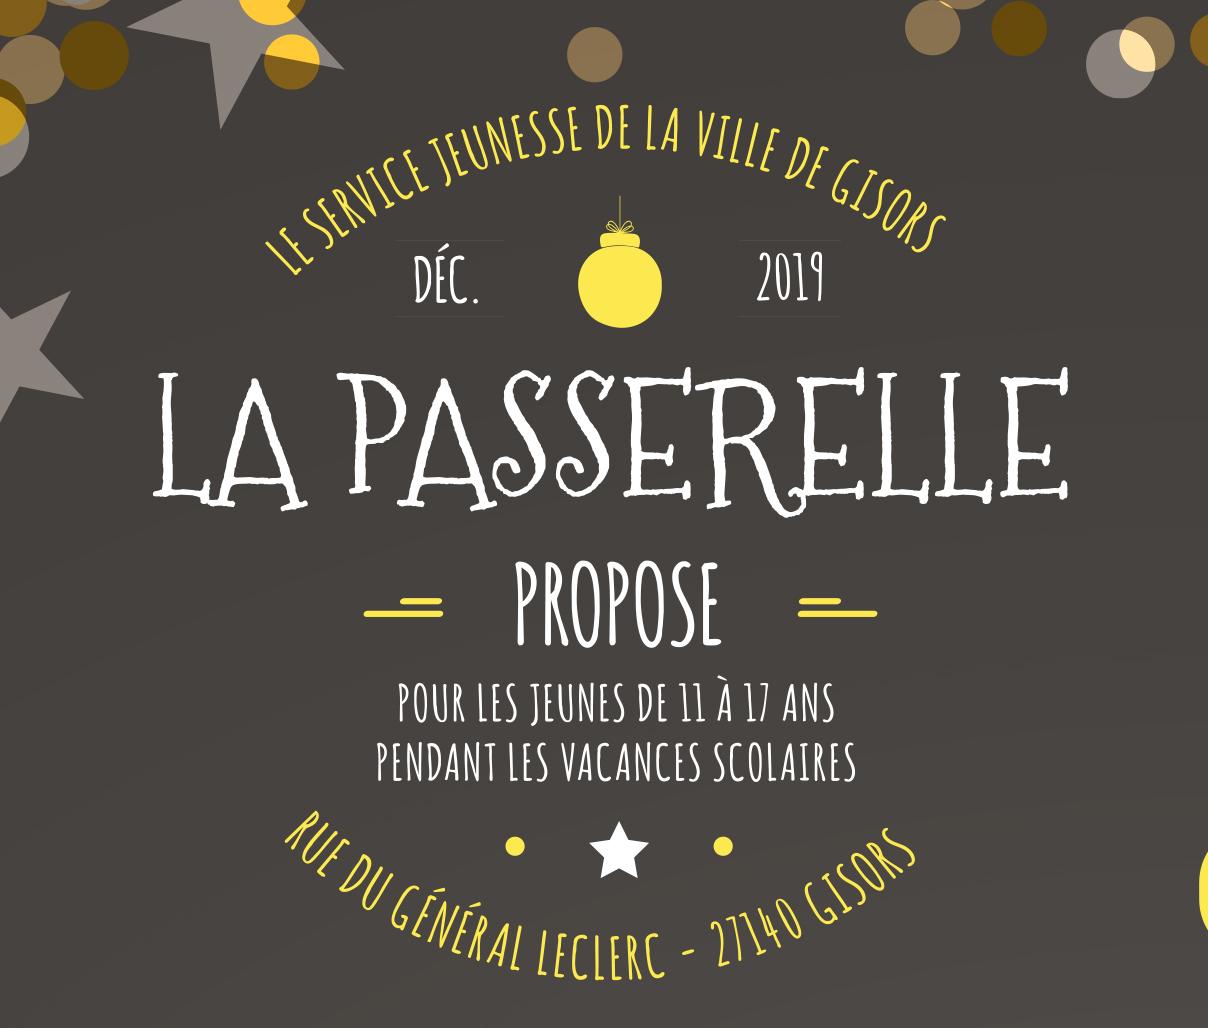 LA PASSERELLE - VACANCES DE NOEL